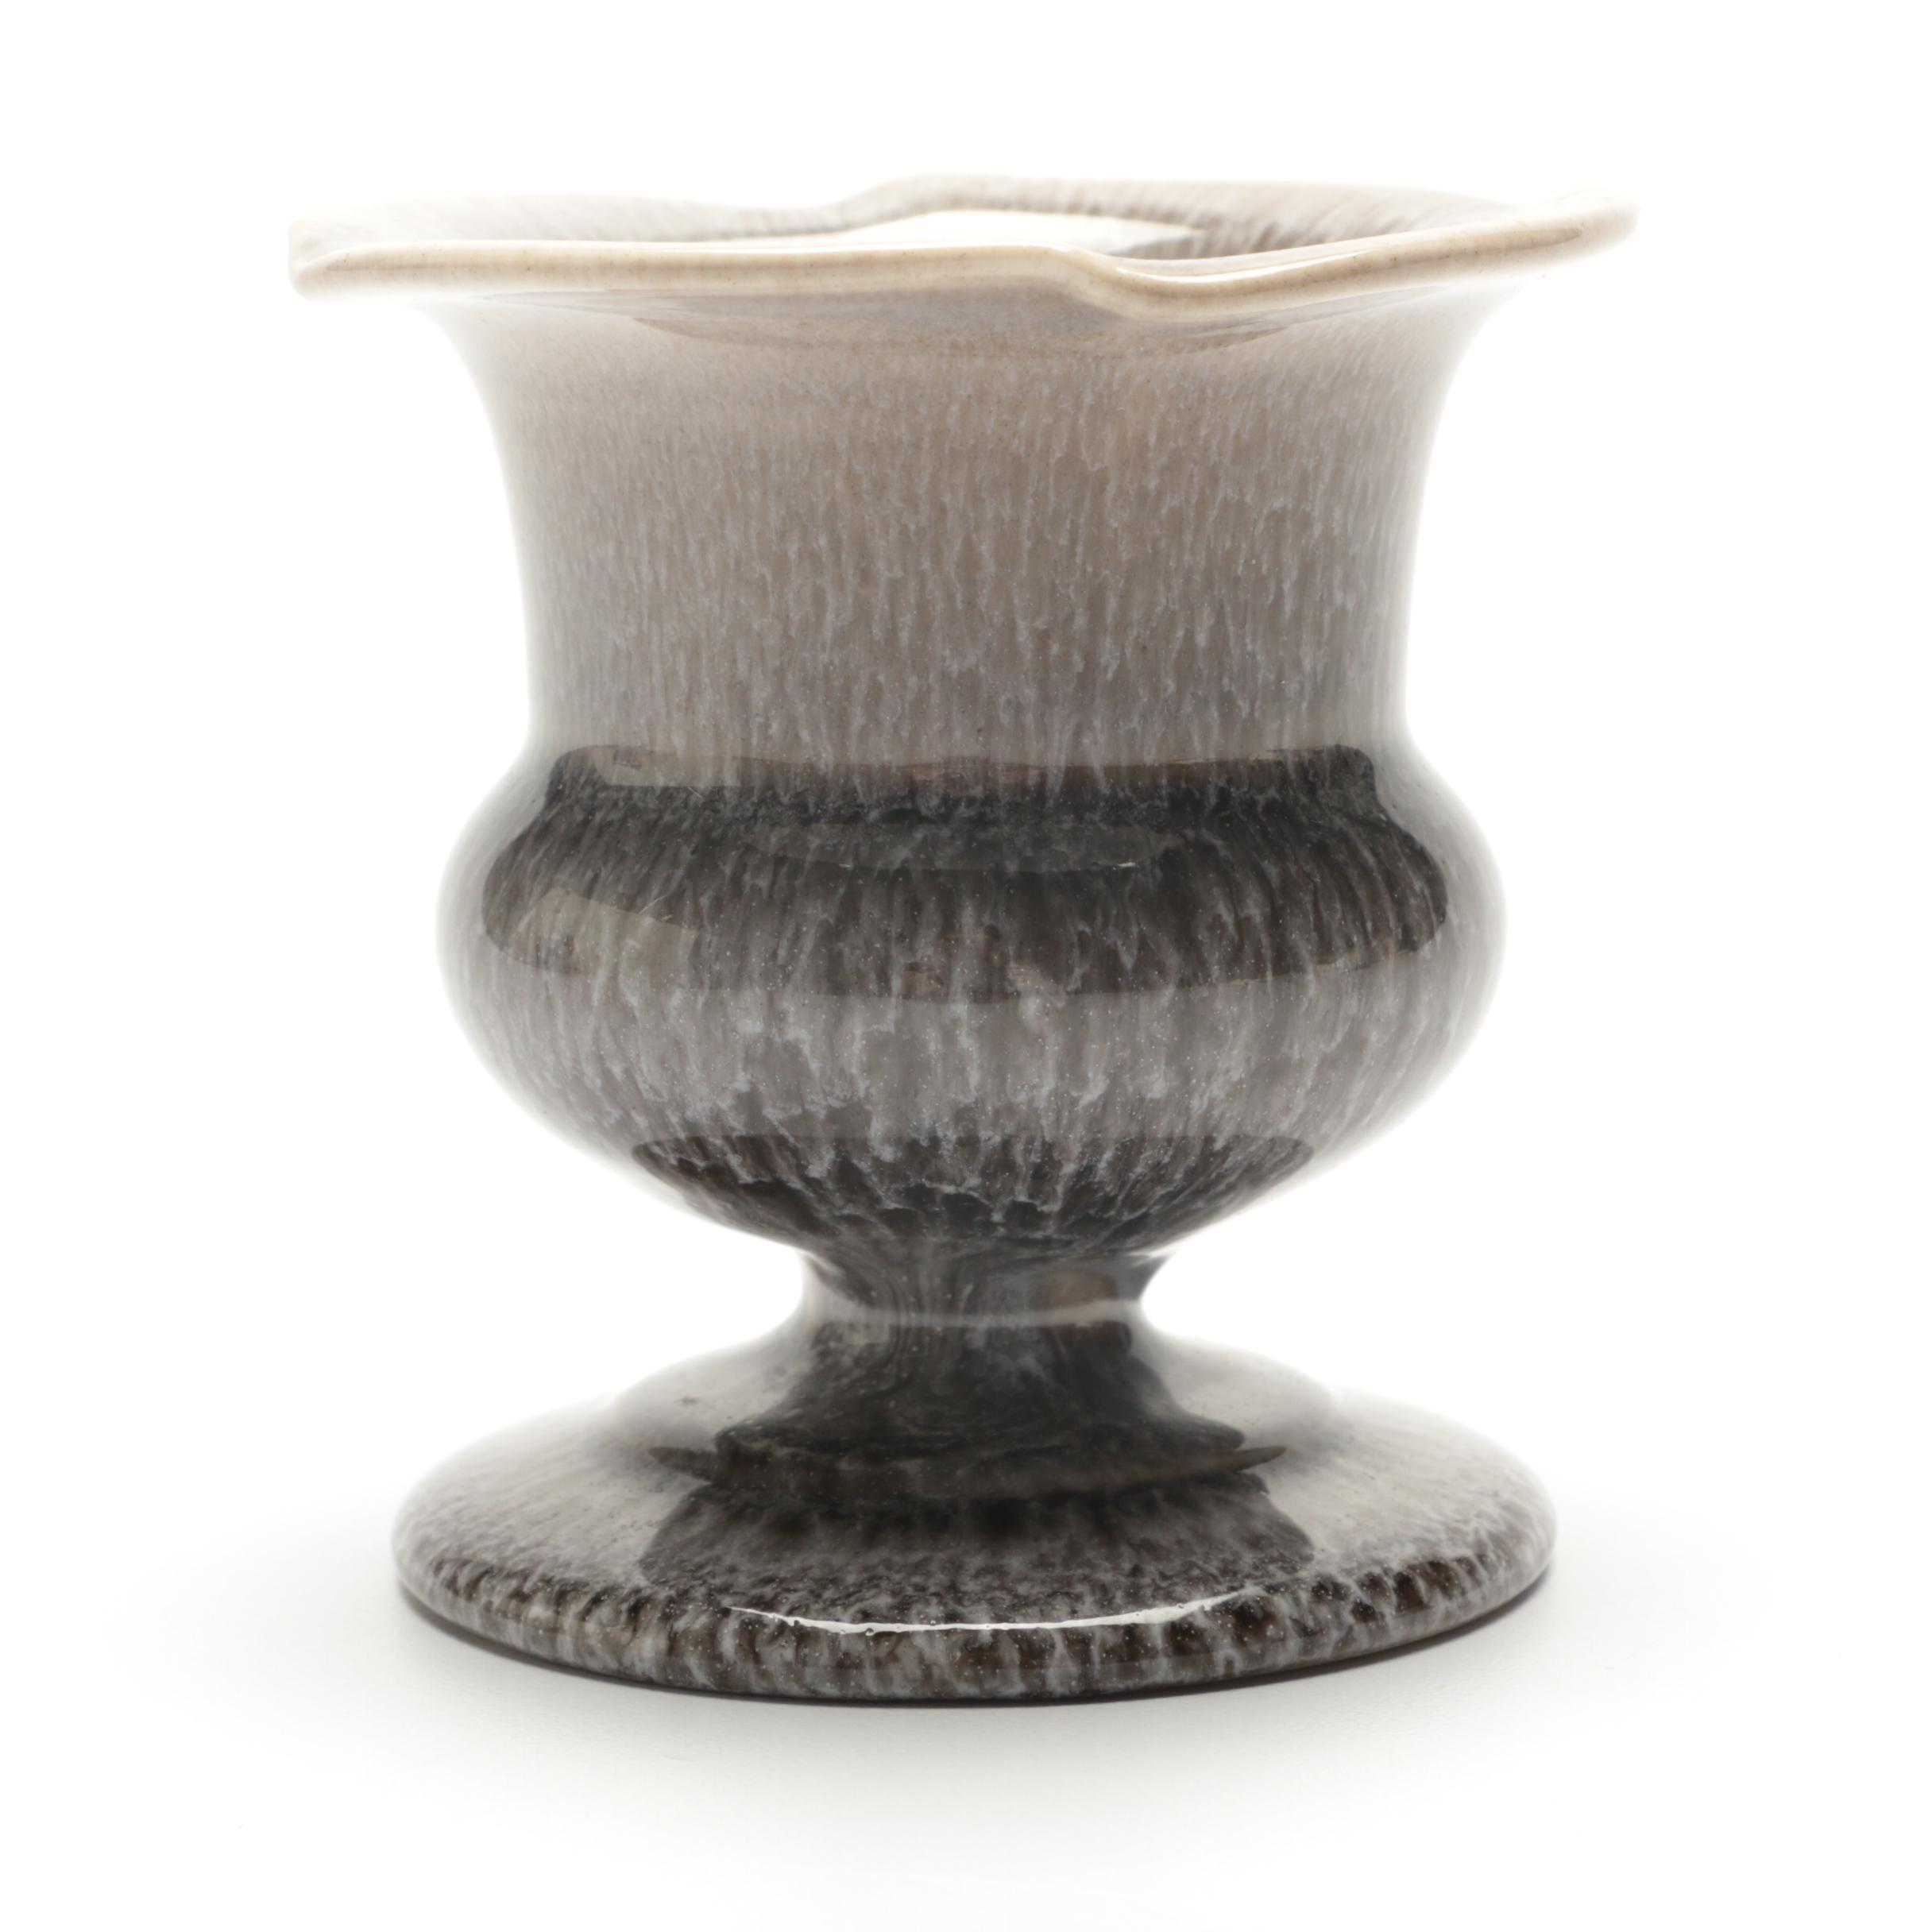 Rookwood Pottery 1954  Urn Form Cigarette Holder